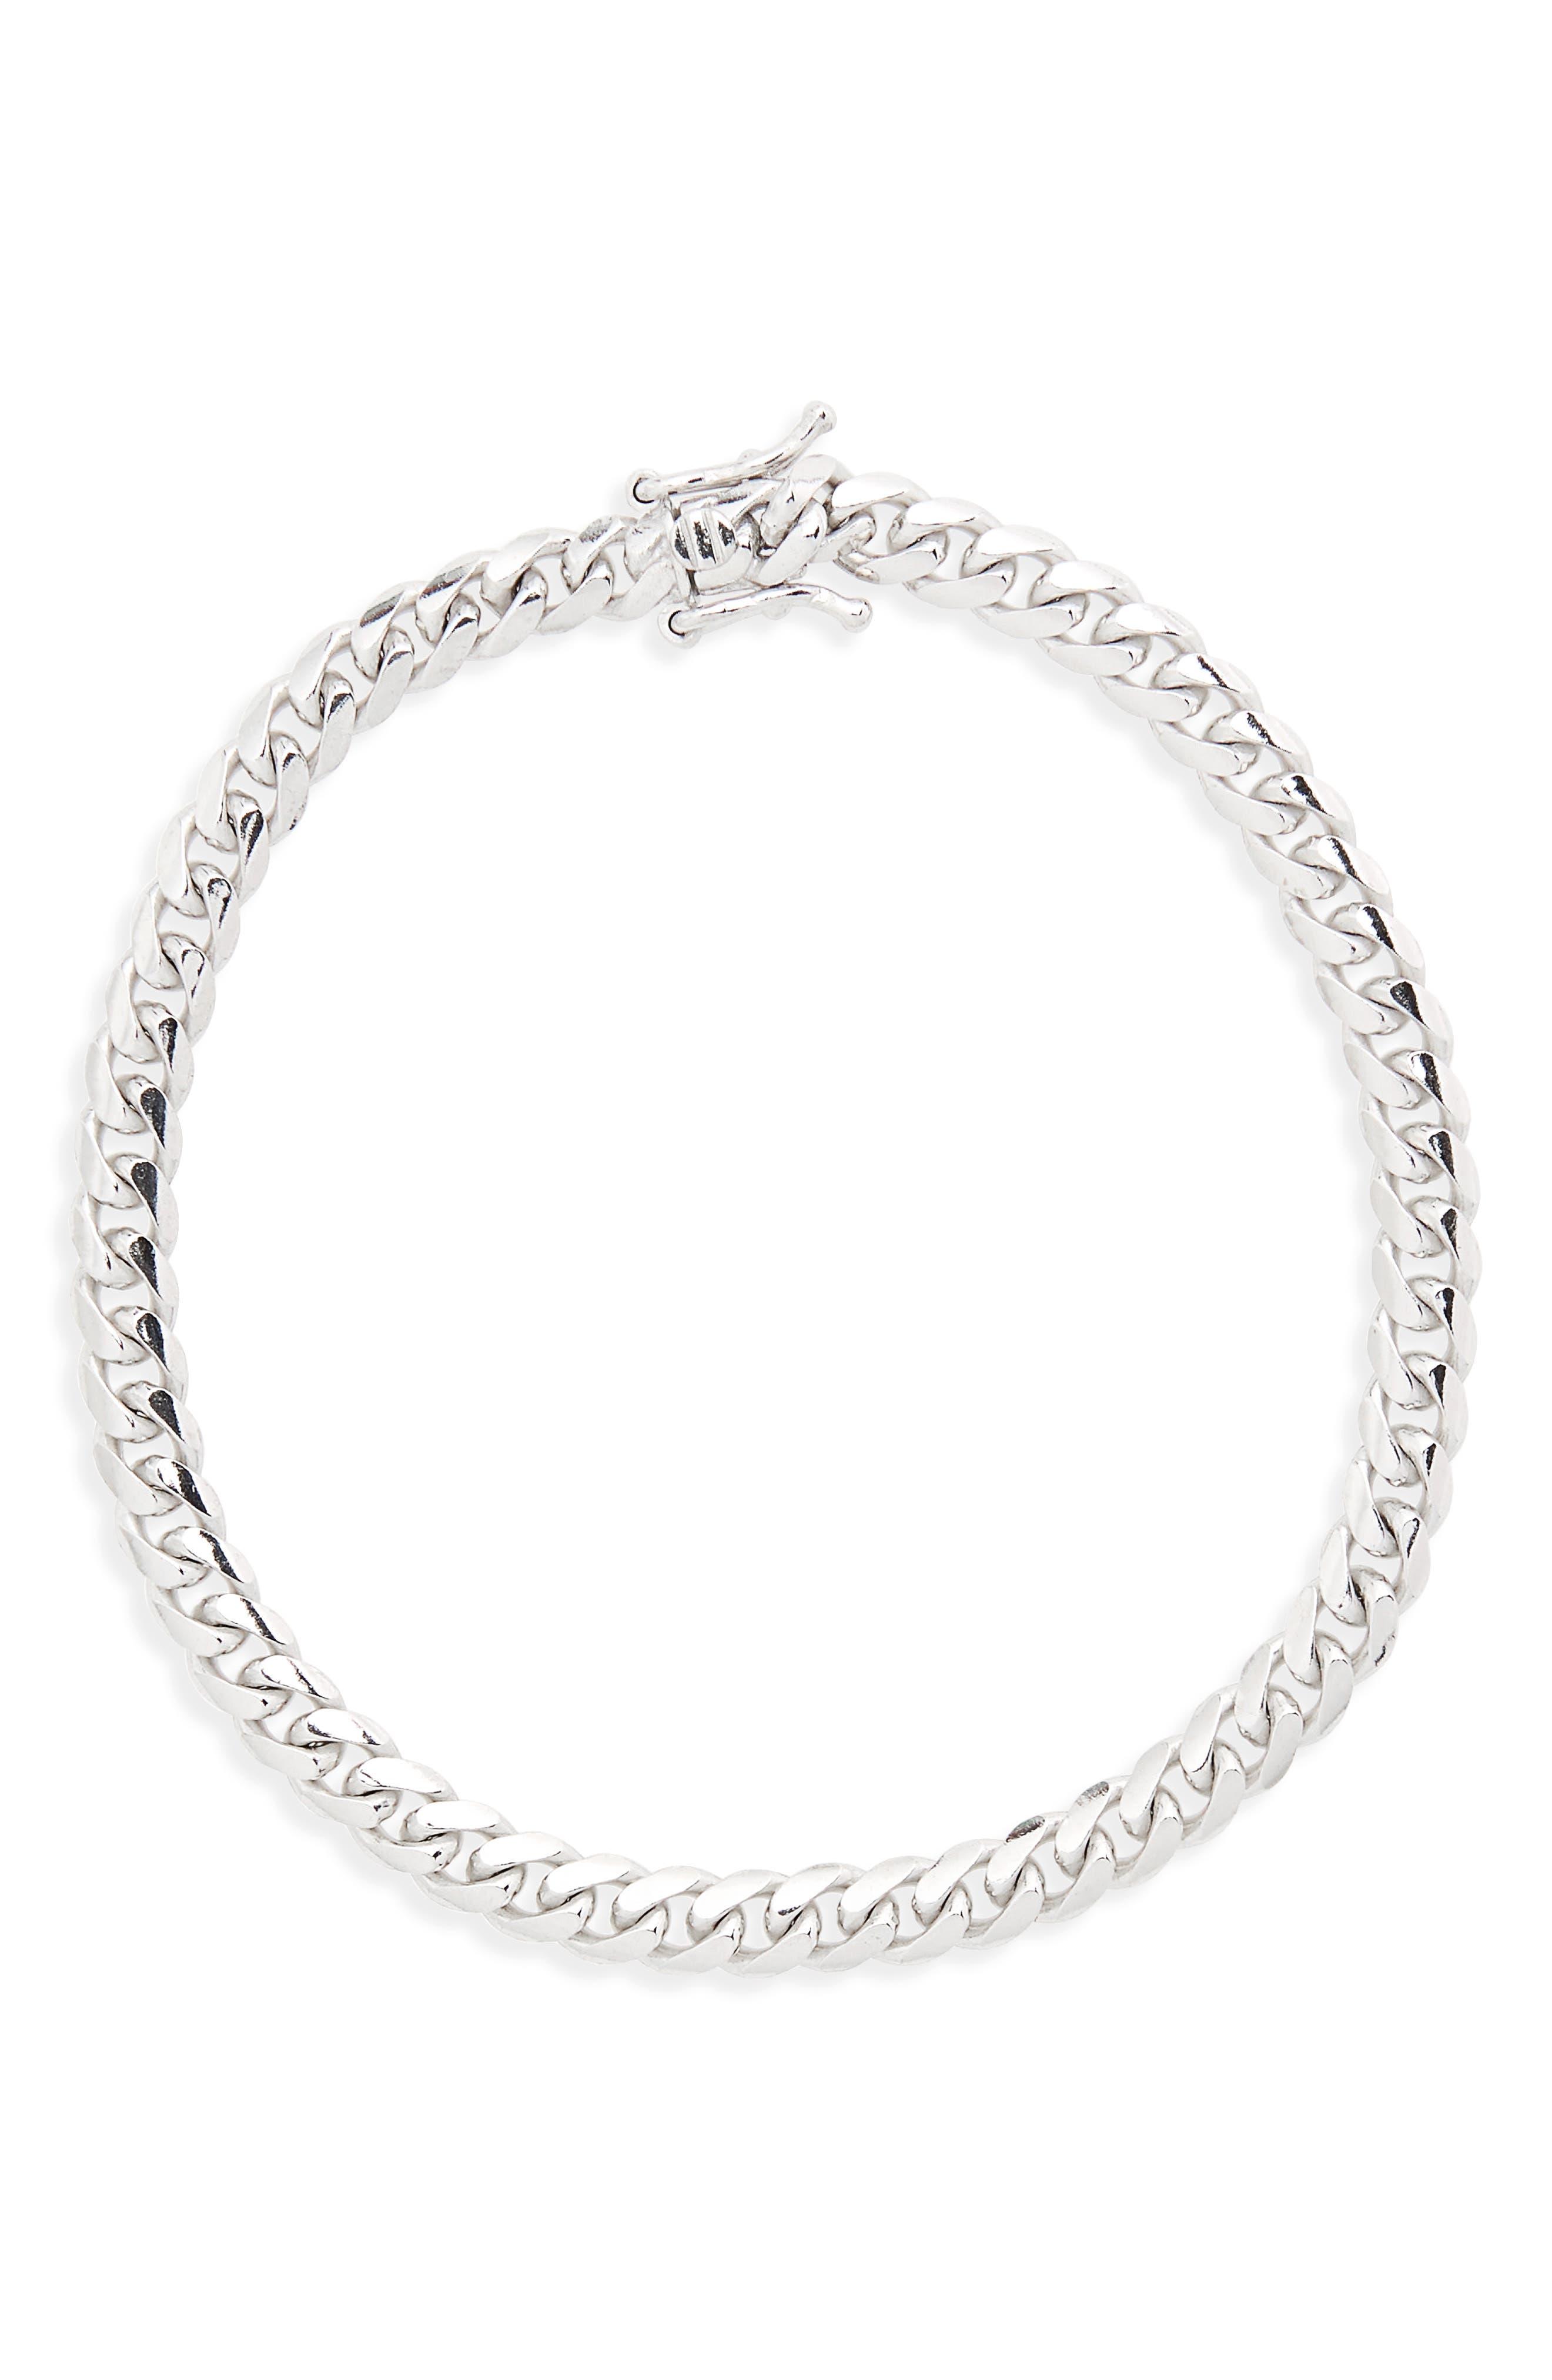 STAMPD Cuban Chain Bracelet